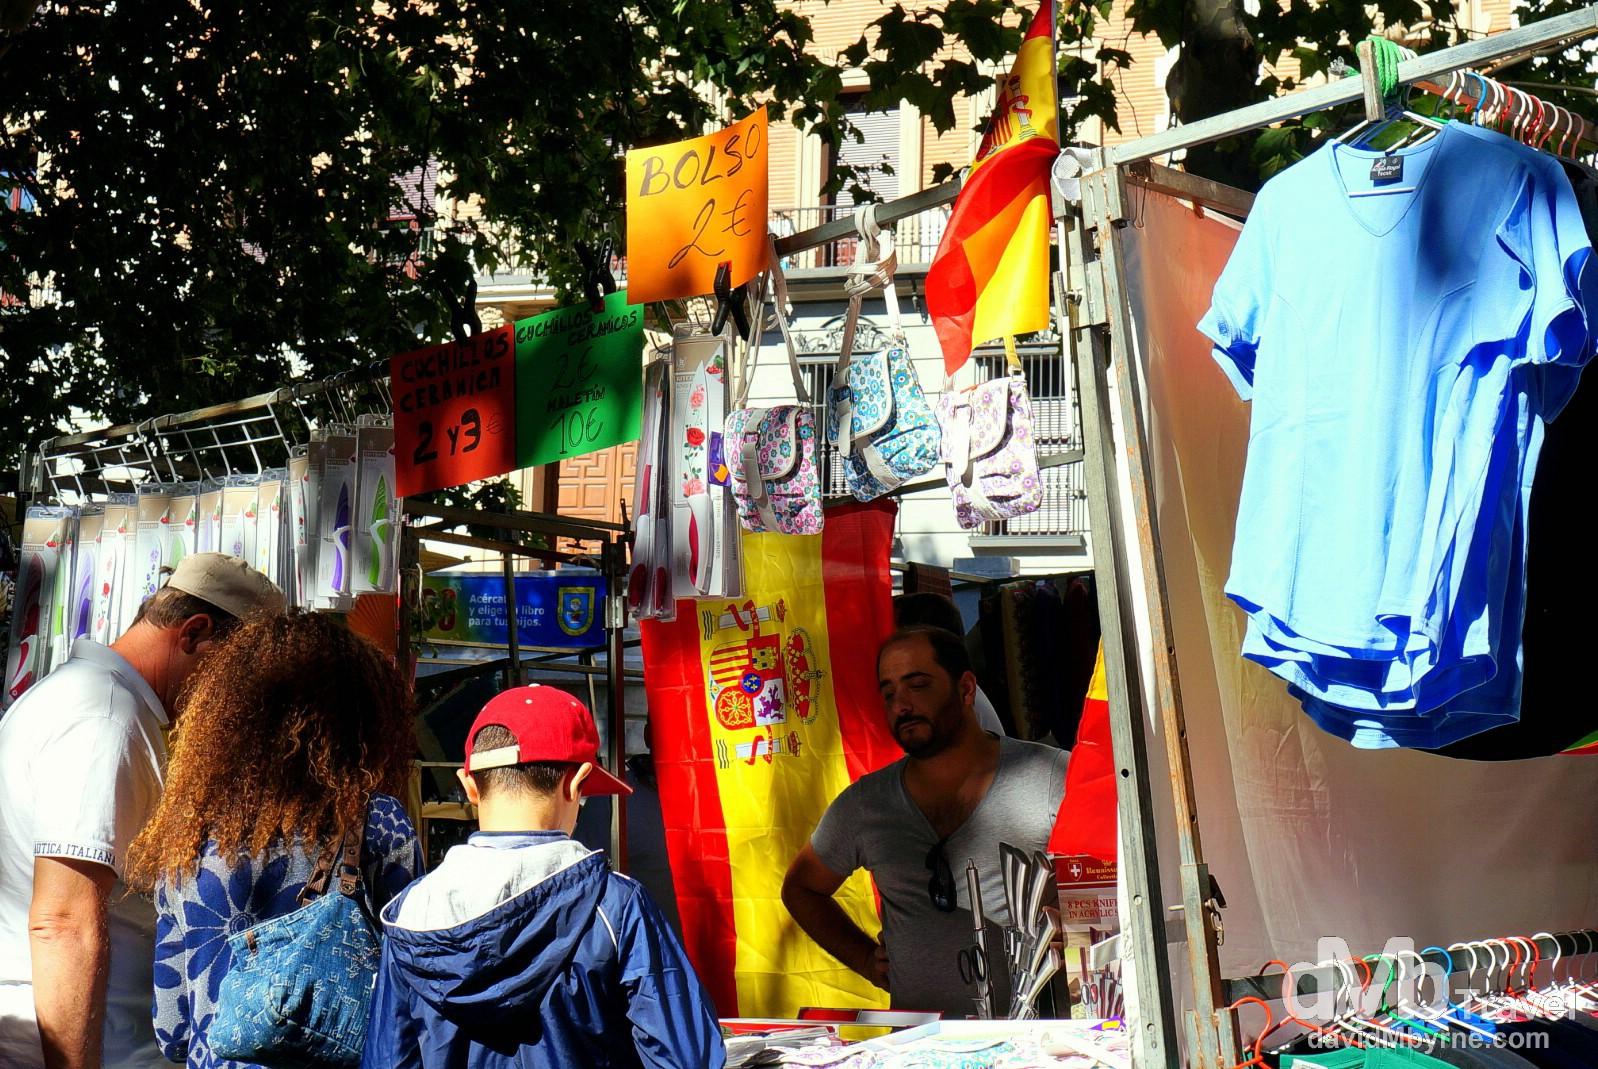 El Rastro flea market on Ribera de Curtidores, Madrid, Spain. June 15th, 2014.